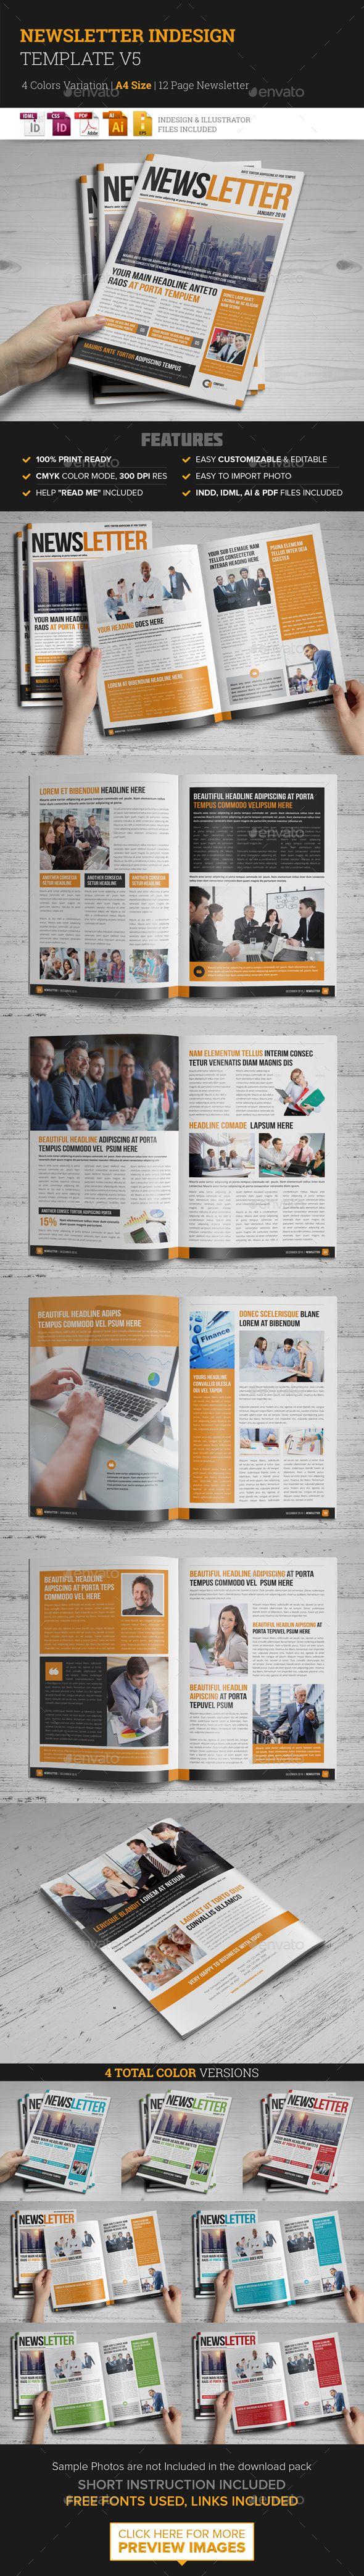 12 Page Newsletter Template InDesign INDD #design Download: http://graphicriver.net/item/newsletter-indesign-template-v5/14402584?ref=ksioks